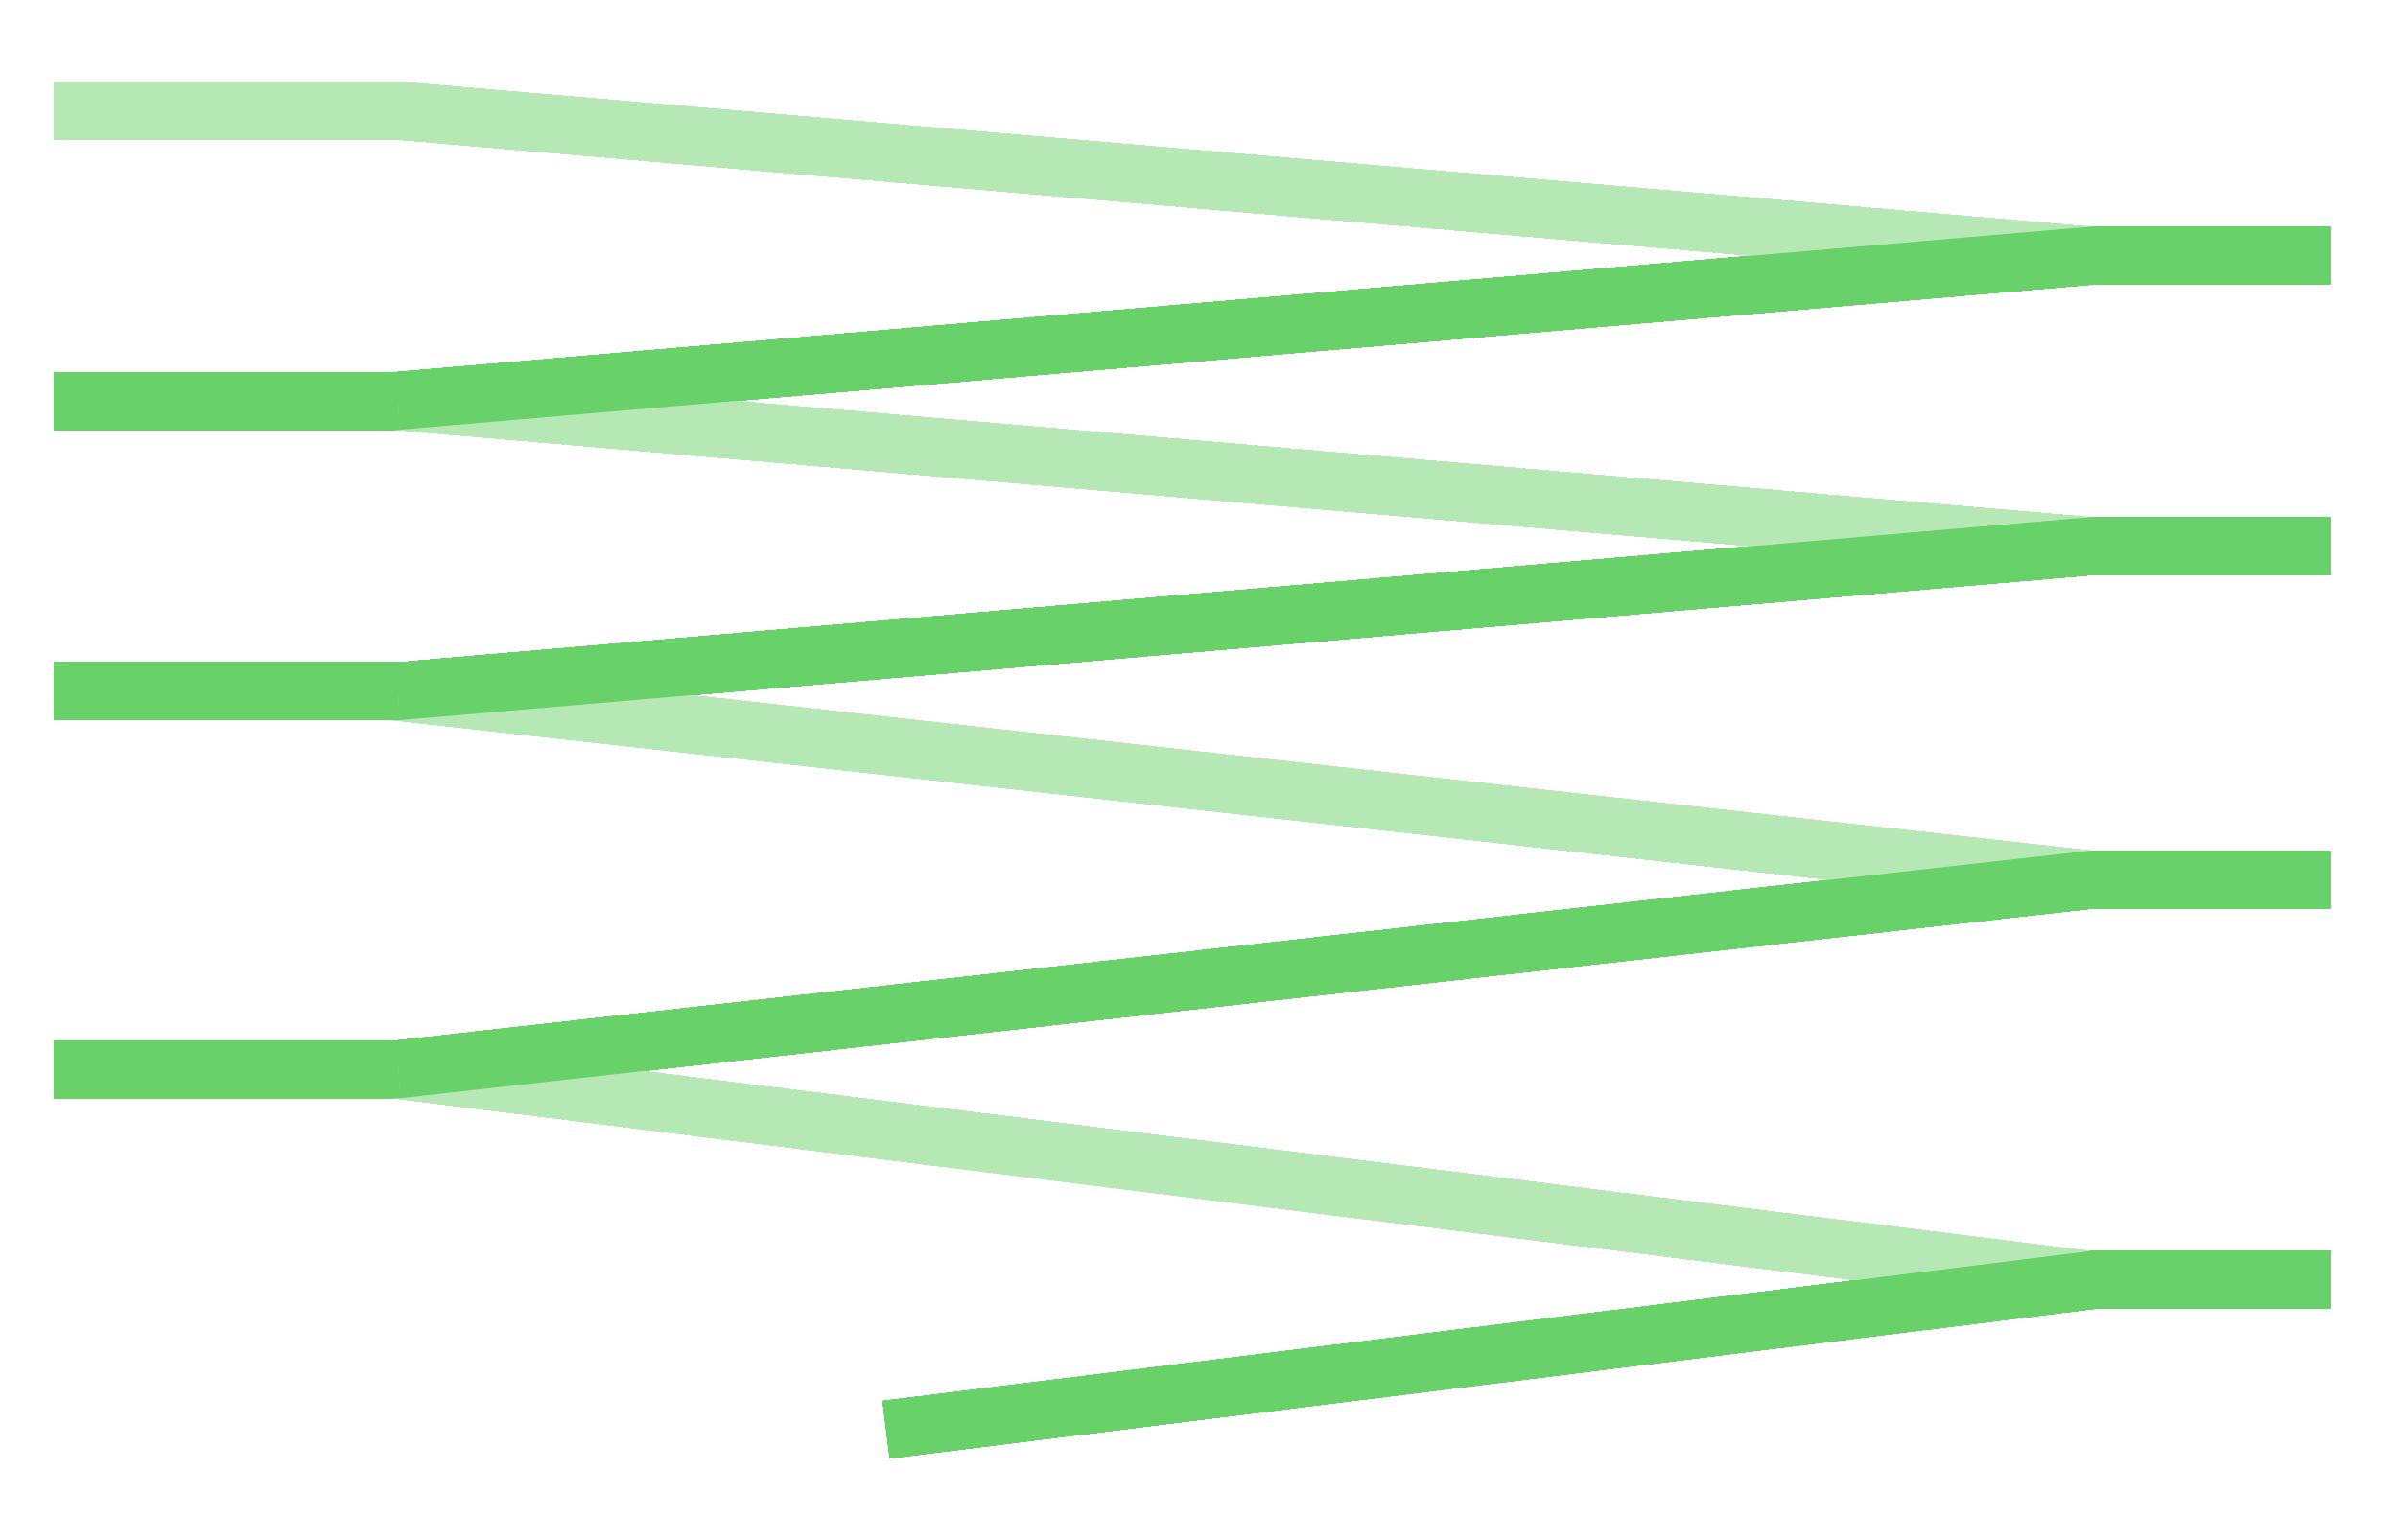 Ολοκλήρωση του Κτιριακού συγκροτήματος της Εθνικής Πινακοθήκης και Μουσείου Α.Σούτζου - Διάγραμμα